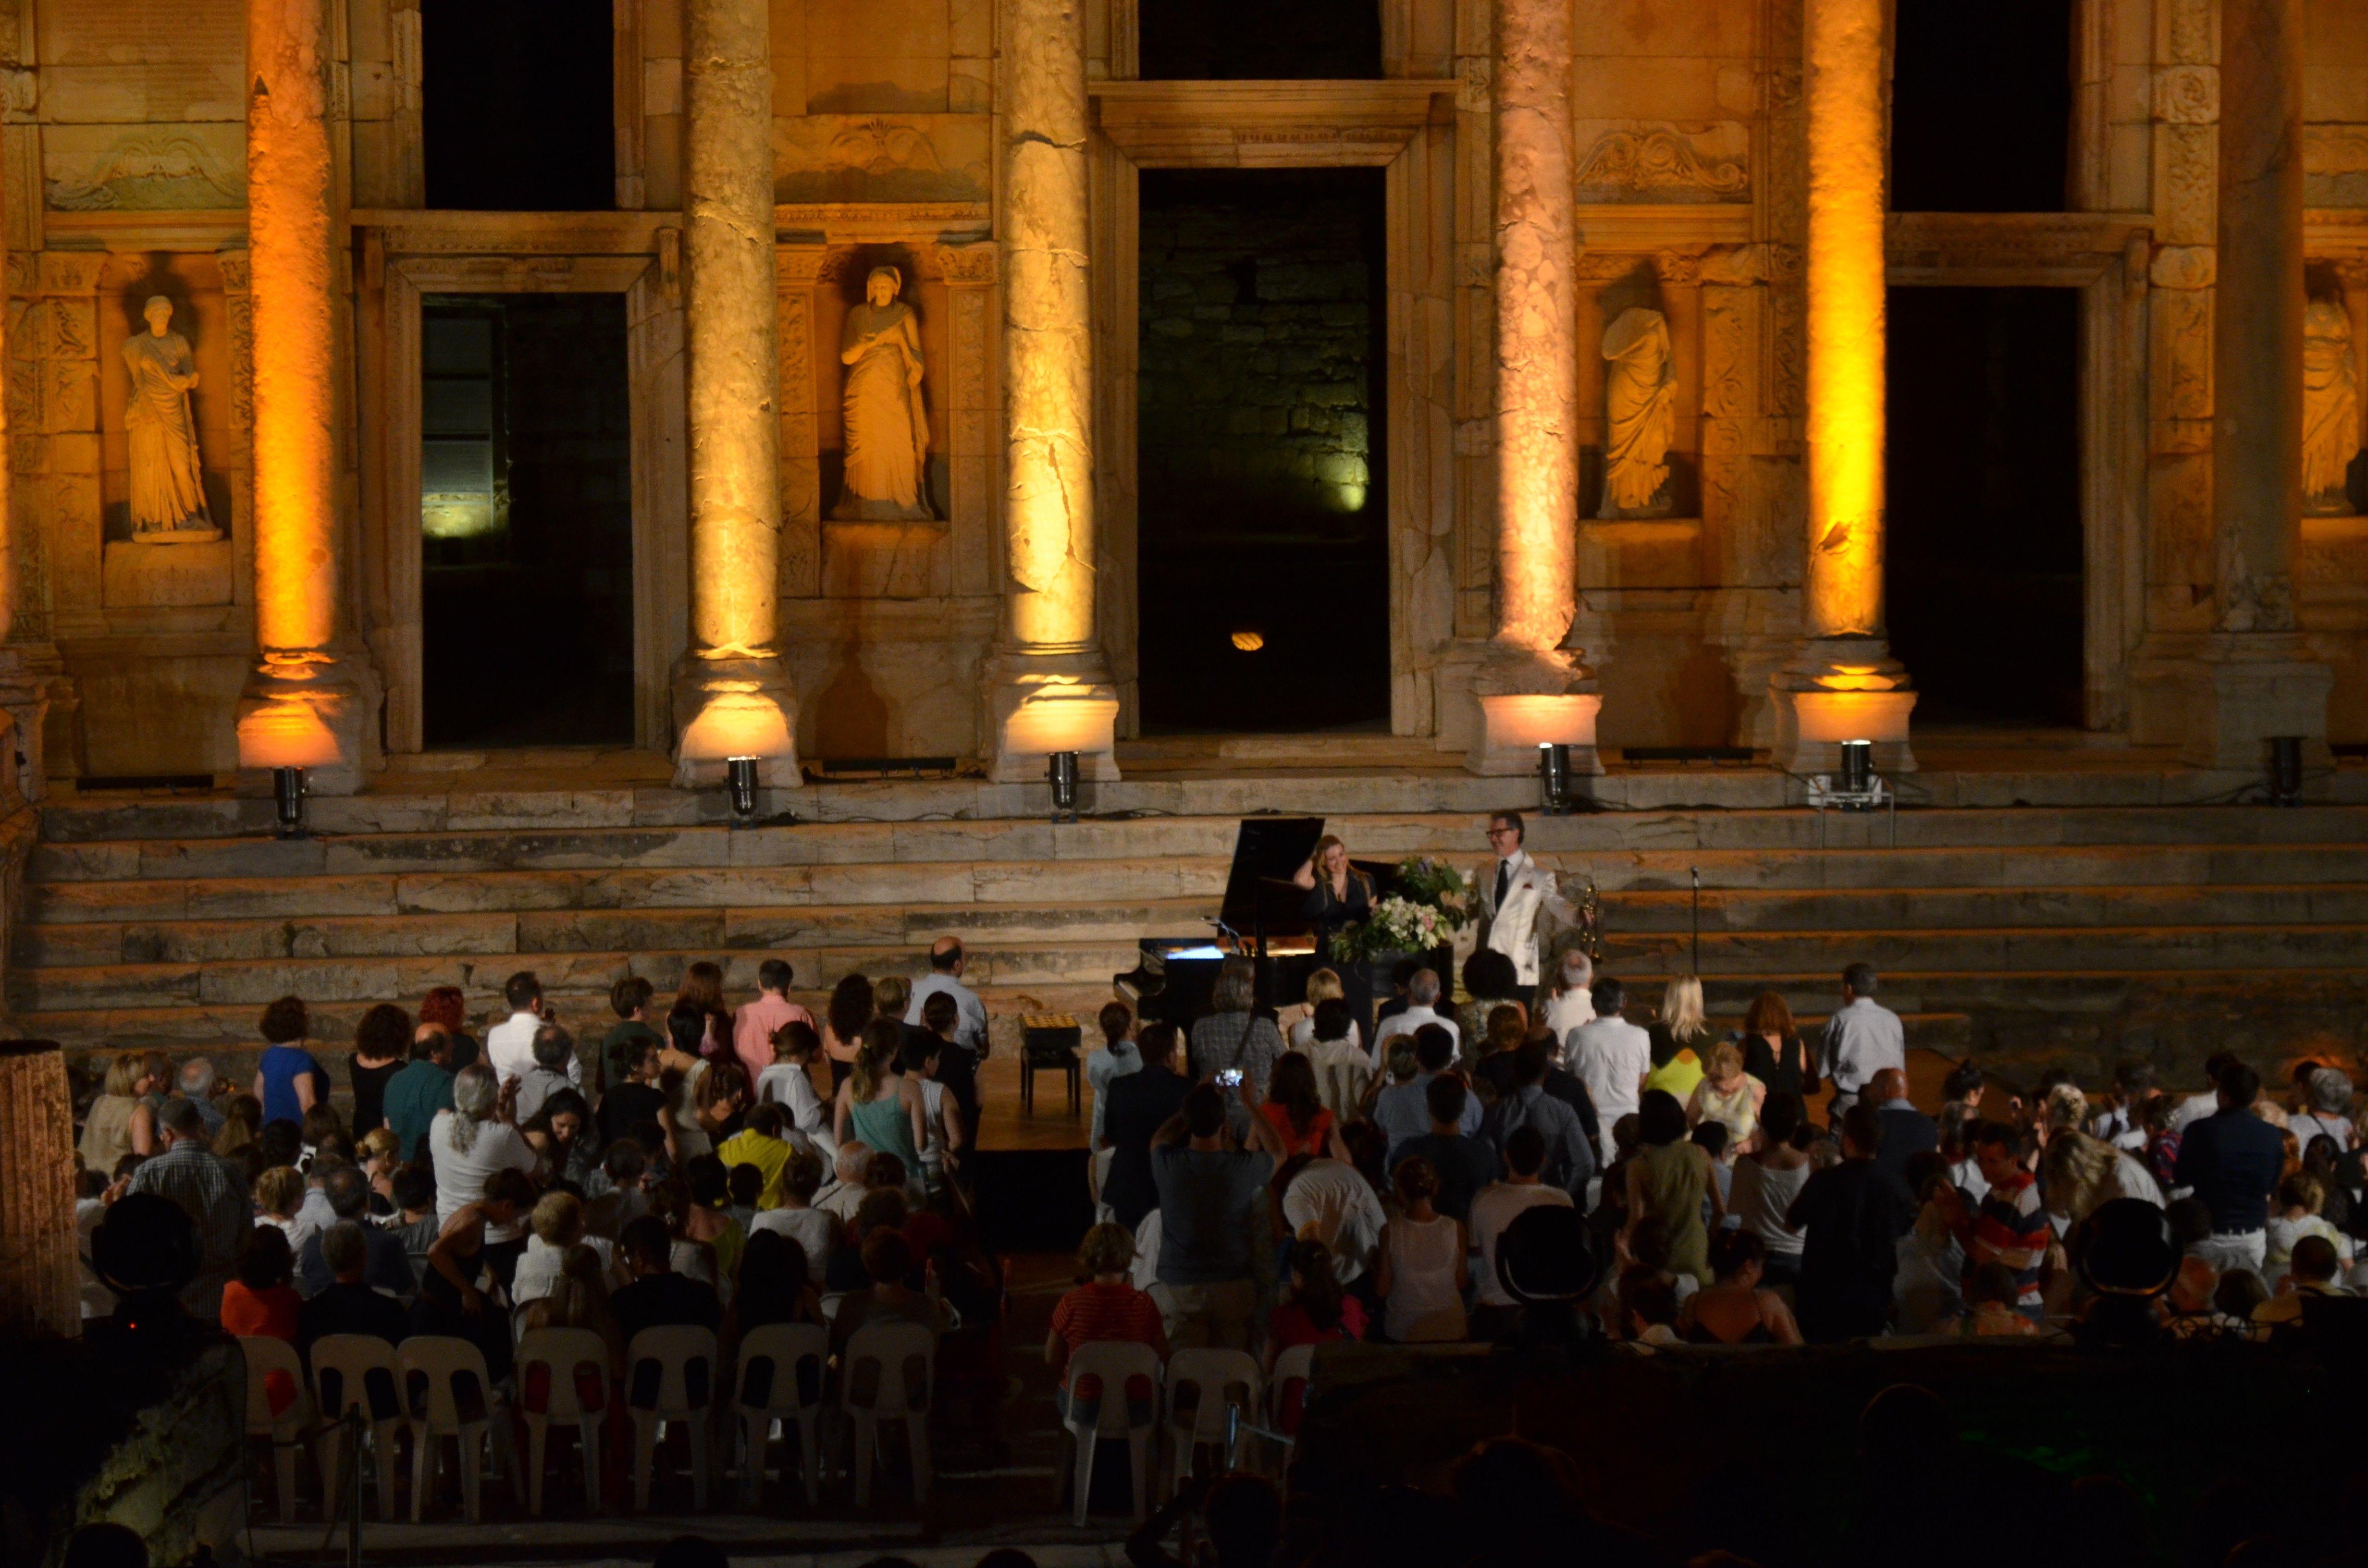 Sinemanın büyülü melodileri Celsus'da yankılandı - Çınar Haber Ajansı